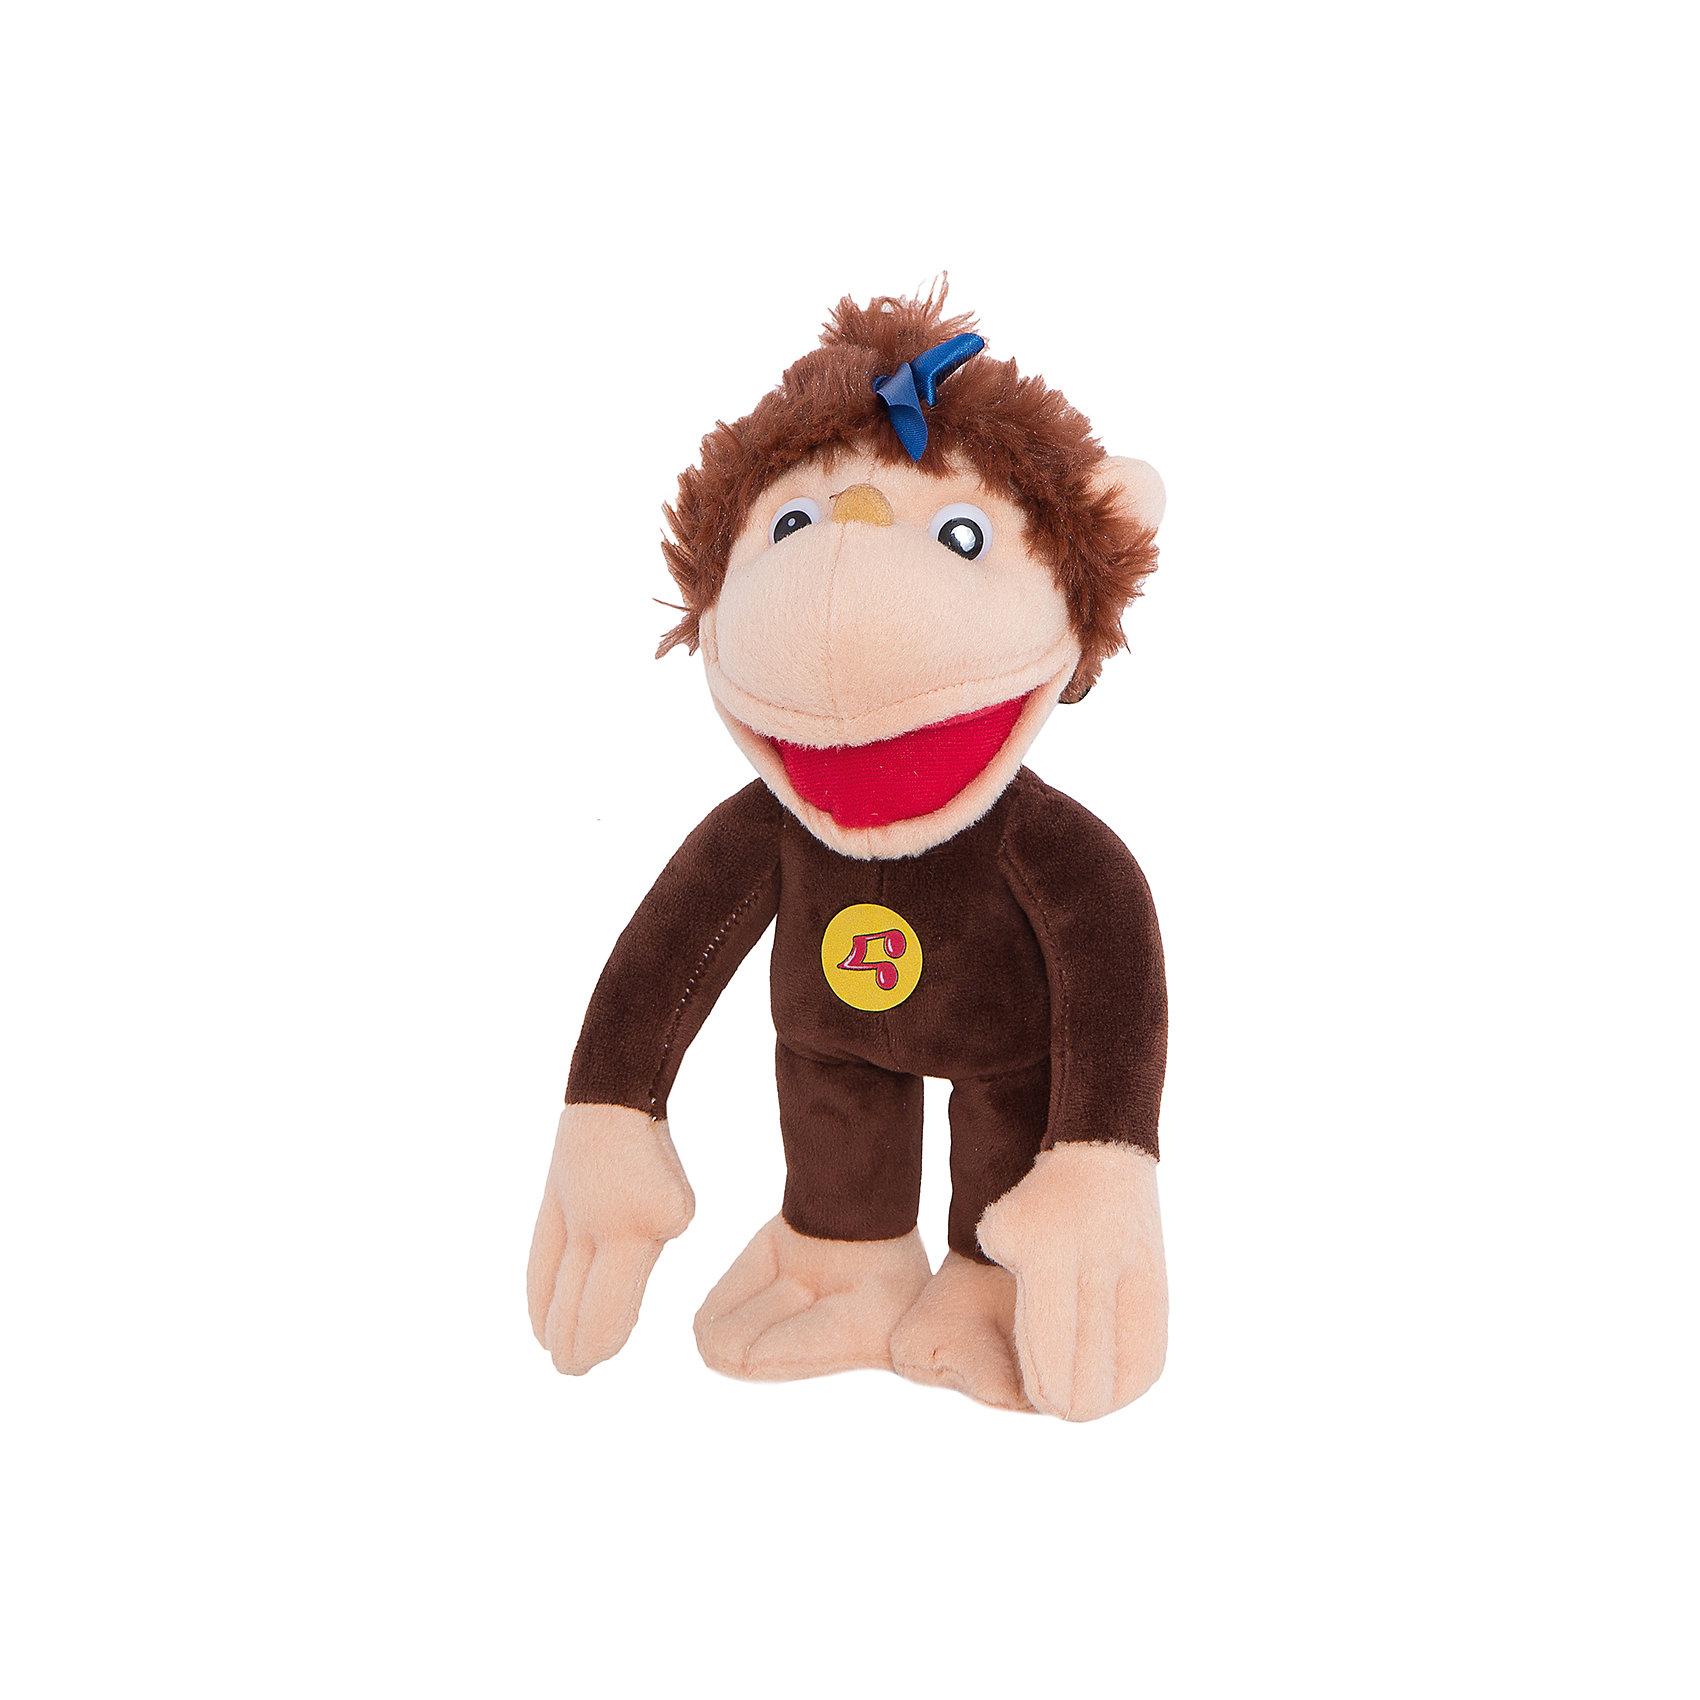 Мартышка (38 Попугаев), 28 см, со звуком, МУЛЬТИ-ПУЛЬТИМягкая игрушка Мартышка 38 попугаев со звуком от марки МУЛЬТИ-ПУЛЬТИ<br><br>Говорящая мягкая игрушка от отечественного производителя сделана в виде известного персонажа из мультфильма. Она поможет ребенку проводить время весело и с пользой. В игрушке есть встроенный звуковой модуль, который позволяет мартышке произносить фразы из мультфильма 38 попугаев.<br>Размер игрушки универсален - 28 сантиметров, её удобно брать с собой в поездки и на прогулку. Сделана мартышка из качественных и безопасных для ребенка материалов, которые еще и приятны на ощупь. <br><br>Отличительные особенности игрушки:<br><br>- материал: текстиль, пластик;<br>- звуковой модуль;<br>- язык: русский;<br>- произносит фразы из мультфильма;<br>- работает на батарейках;<br>- высота: 28 см.<br><br>Мягкую игрушку Мартышка 38 попугаев от марки МУЛЬТИ-ПУЛЬТИ можно купить в нашем магазине.<br><br>Ширина мм: 170<br>Глубина мм: 180<br>Высота мм: 360<br>Вес г: 330<br>Возраст от месяцев: 12<br>Возраст до месяцев: 72<br>Пол: Женский<br>Возраст: Детский<br>SKU: 2149216